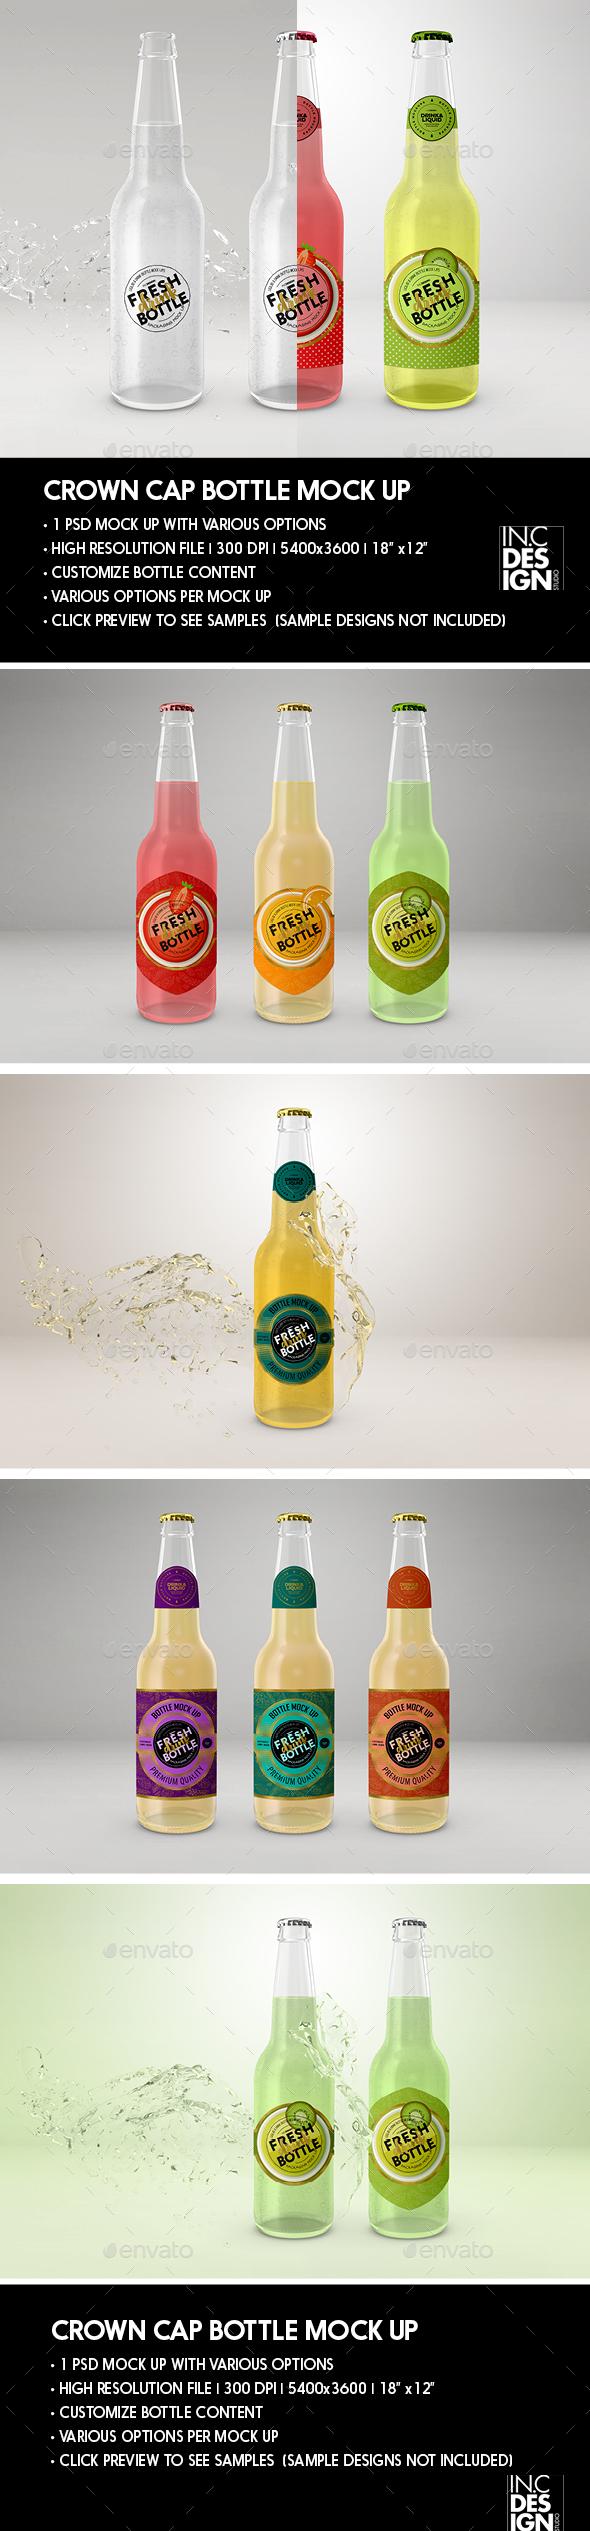 Crown Cork Cap Bottle Packaging Mock Ups - Food and Drink Packaging